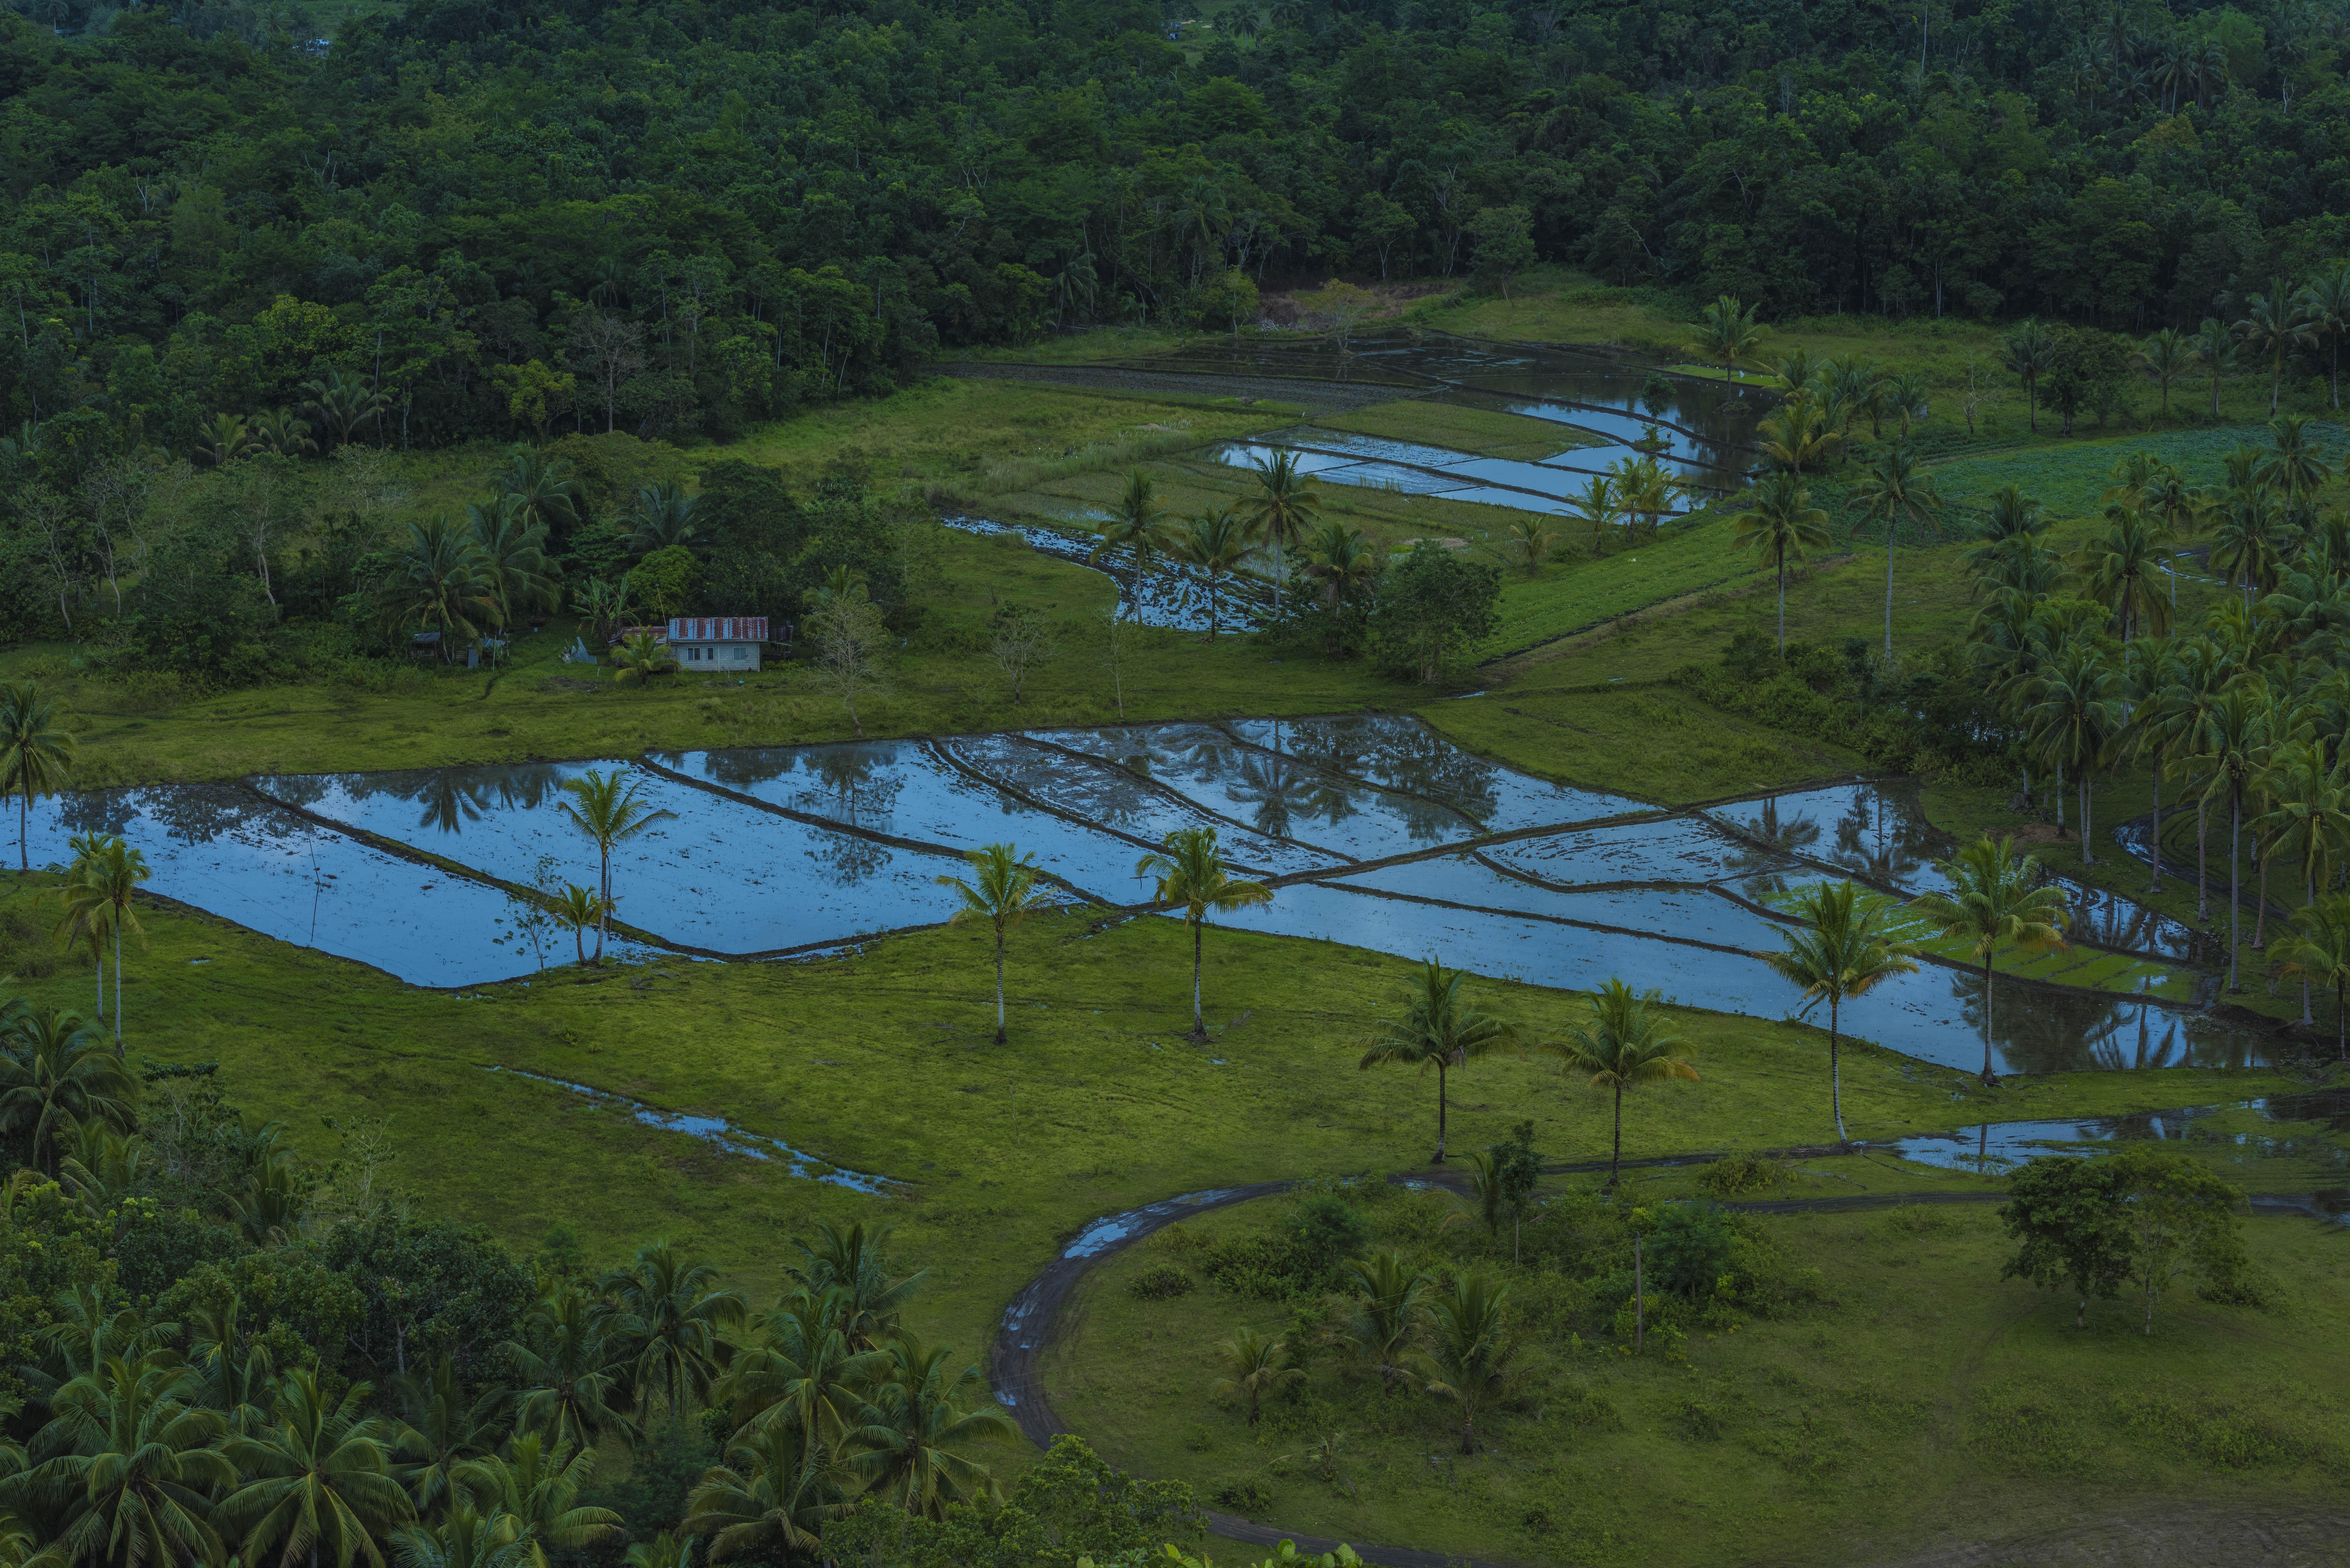 特大馒头_探寻《哈利波特》拍摄取景地,菲律宾巧克力山到底有什么?_巨人